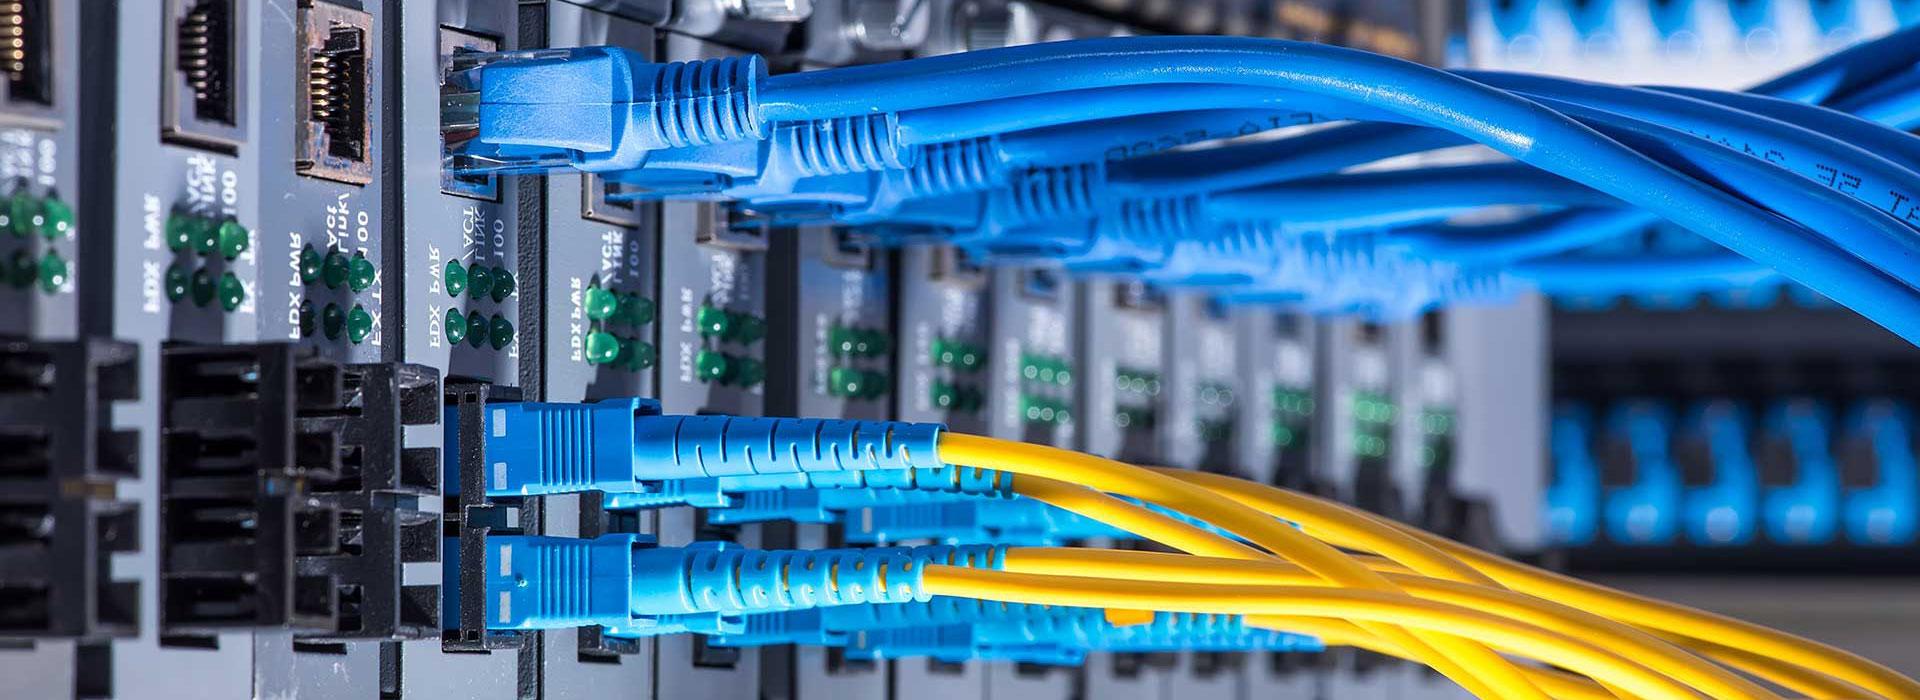 Network Sistemler ve Adana Güvenlik Kamerası